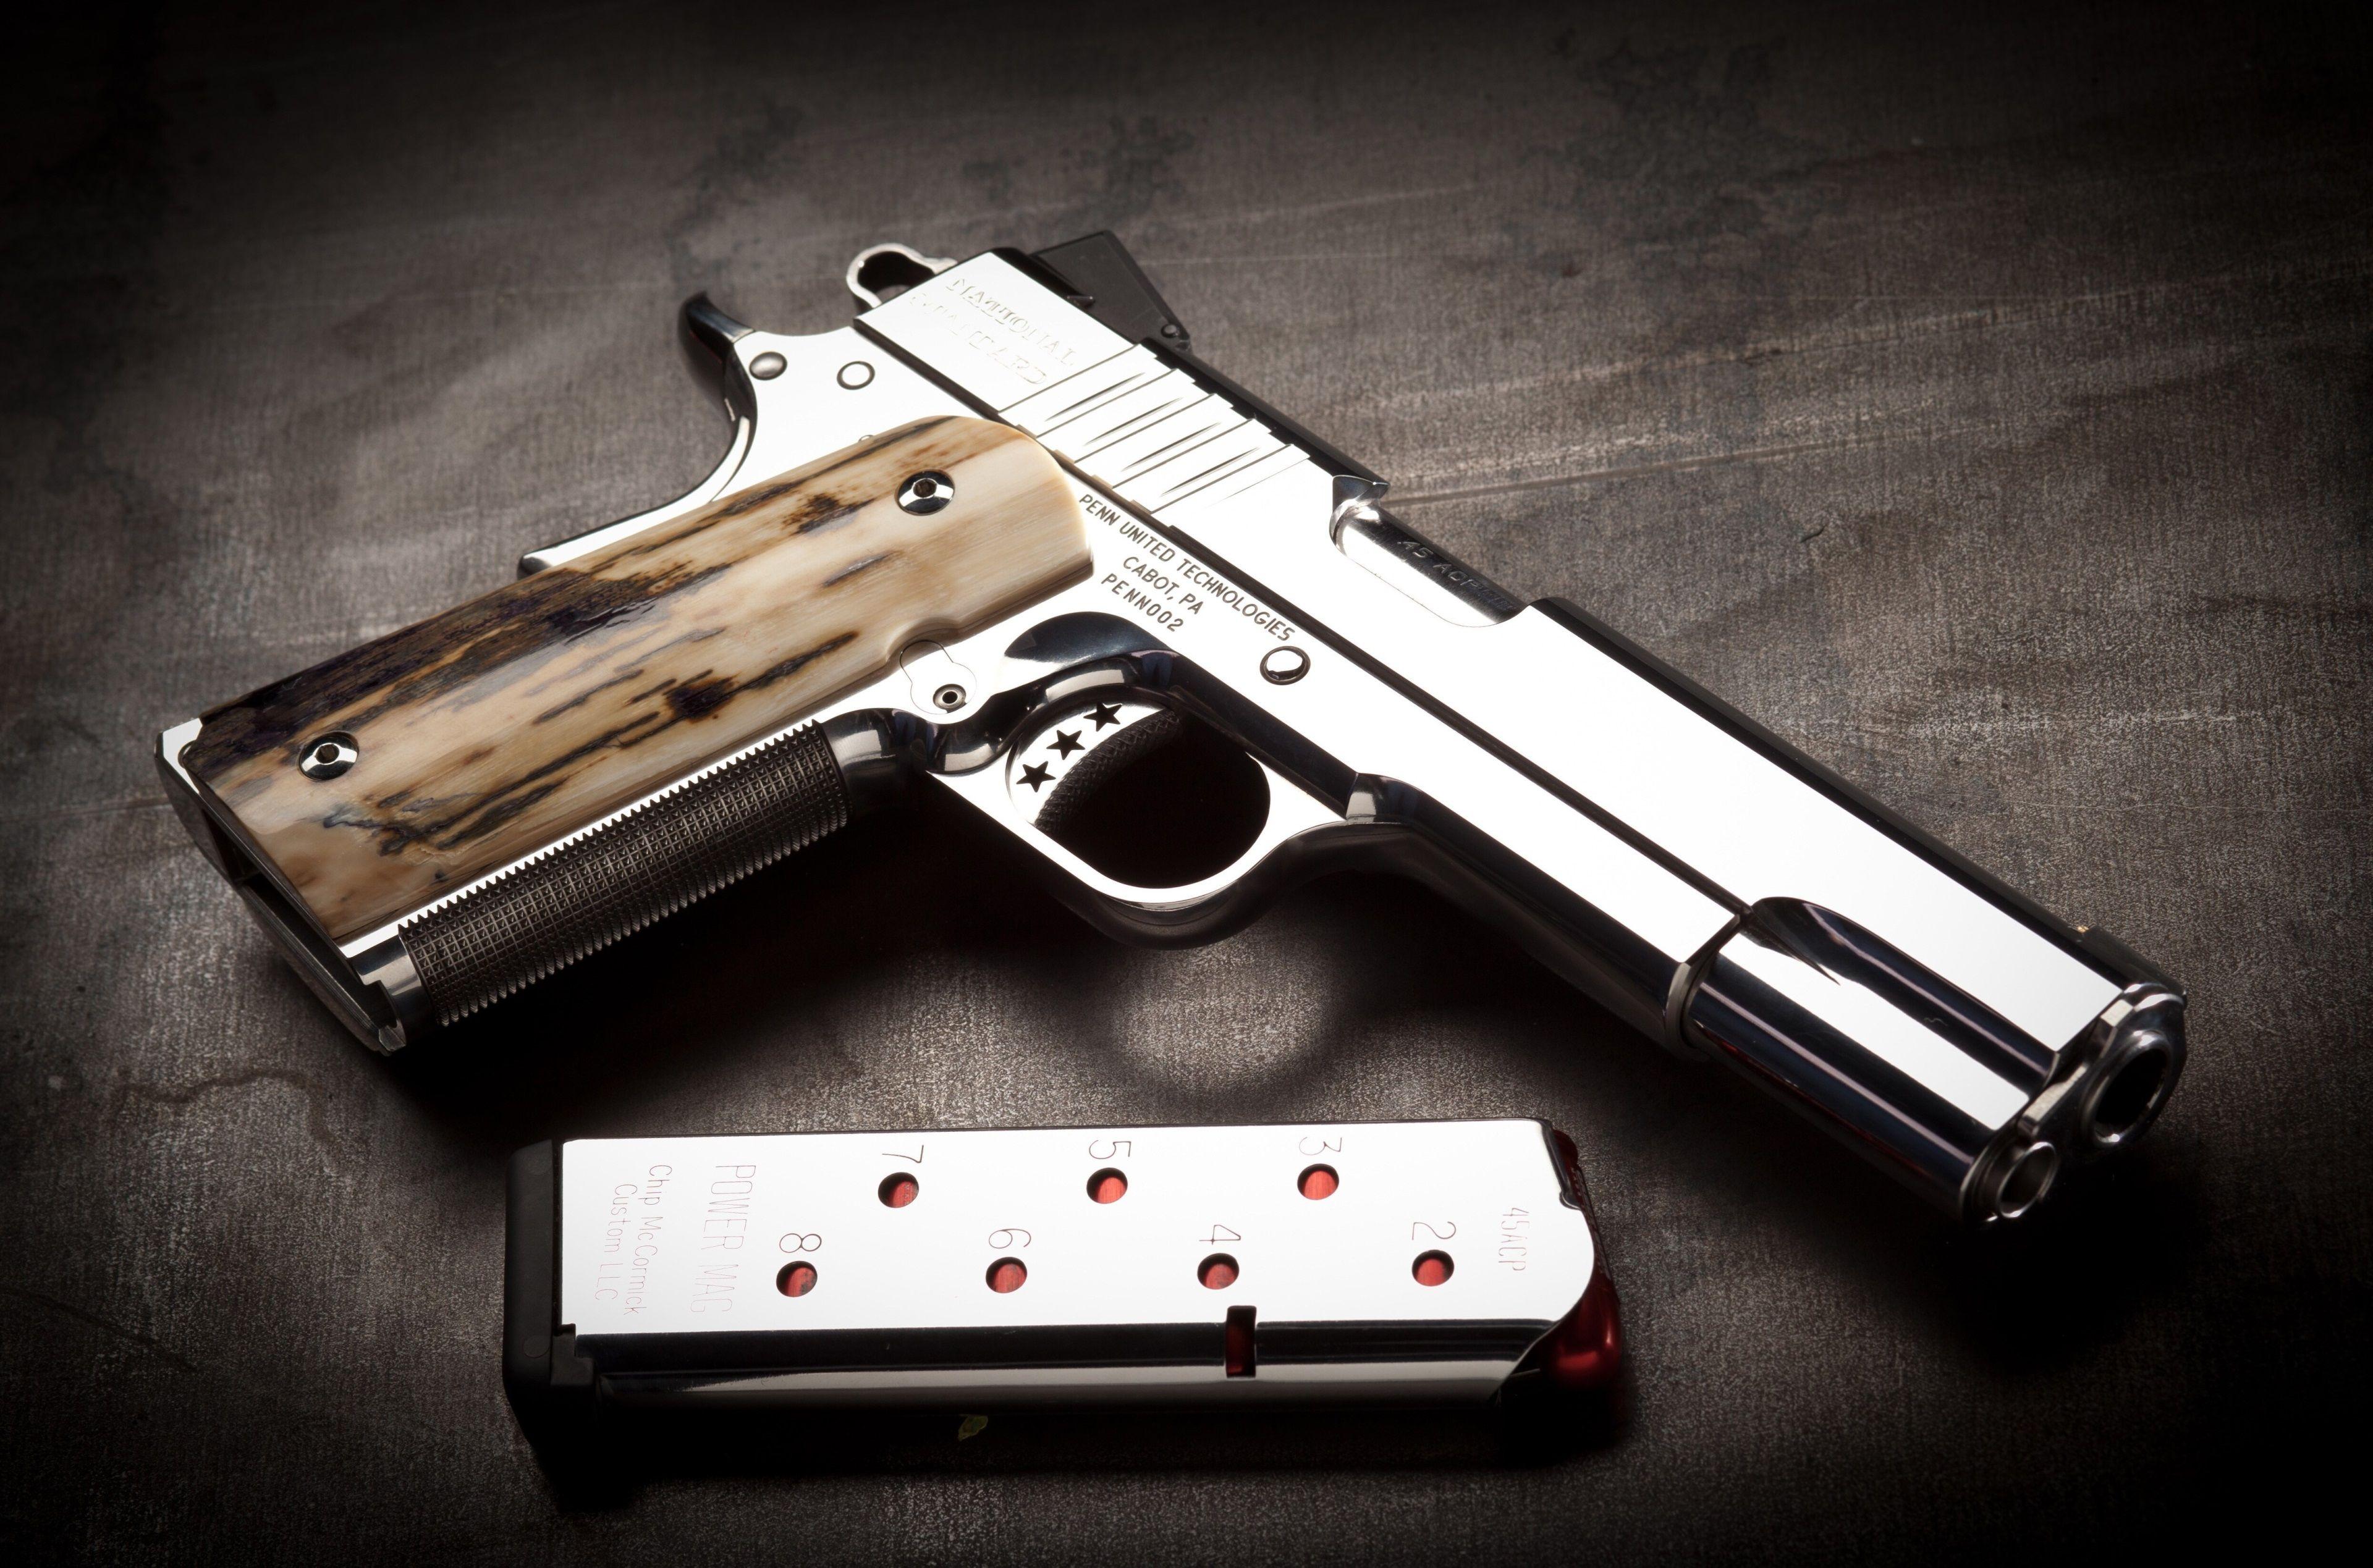 3840x2538 cabot guns 4k wallpaper cool Беретта